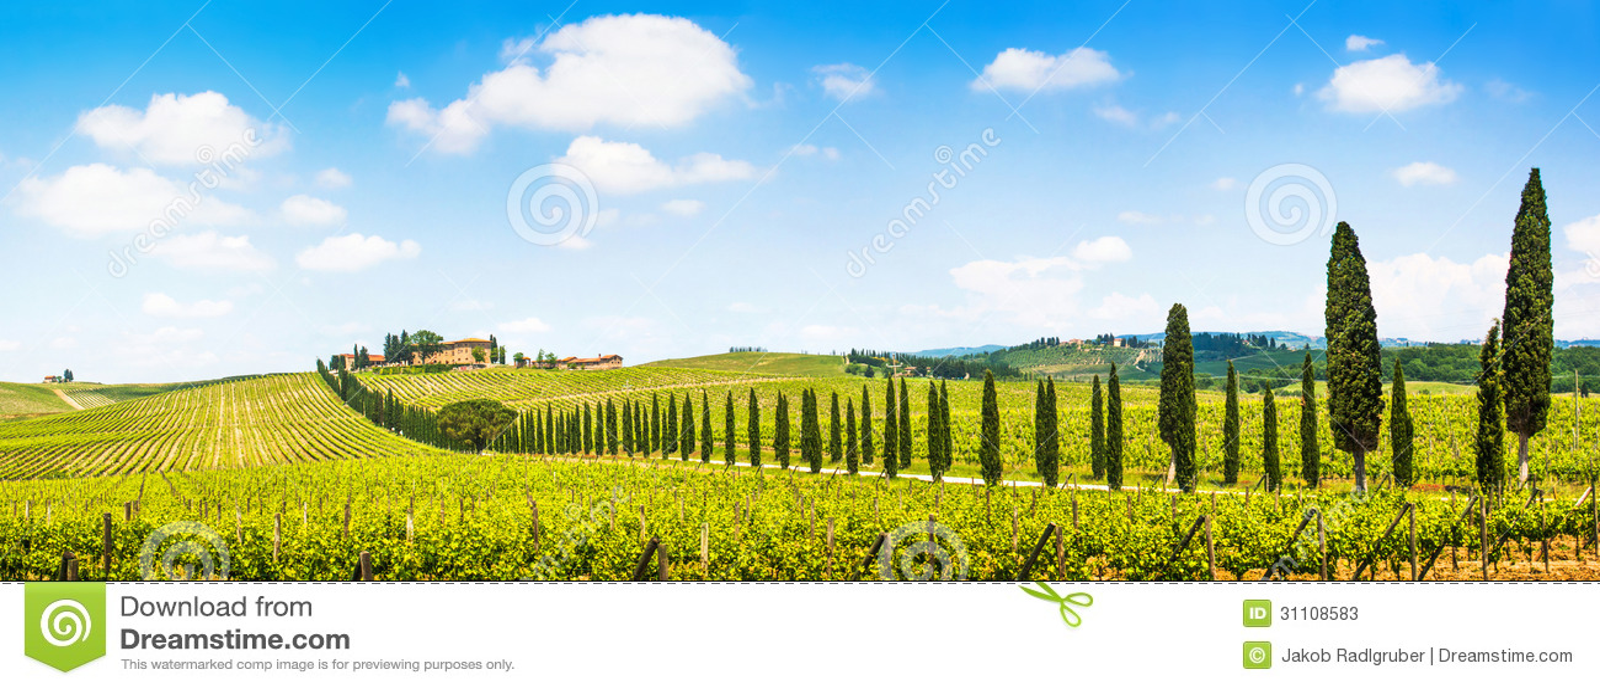 Panoramiczny widok sceniczny Tuscany krajobraz z winnicą w Chianti regionie, Tuscany, Włochy